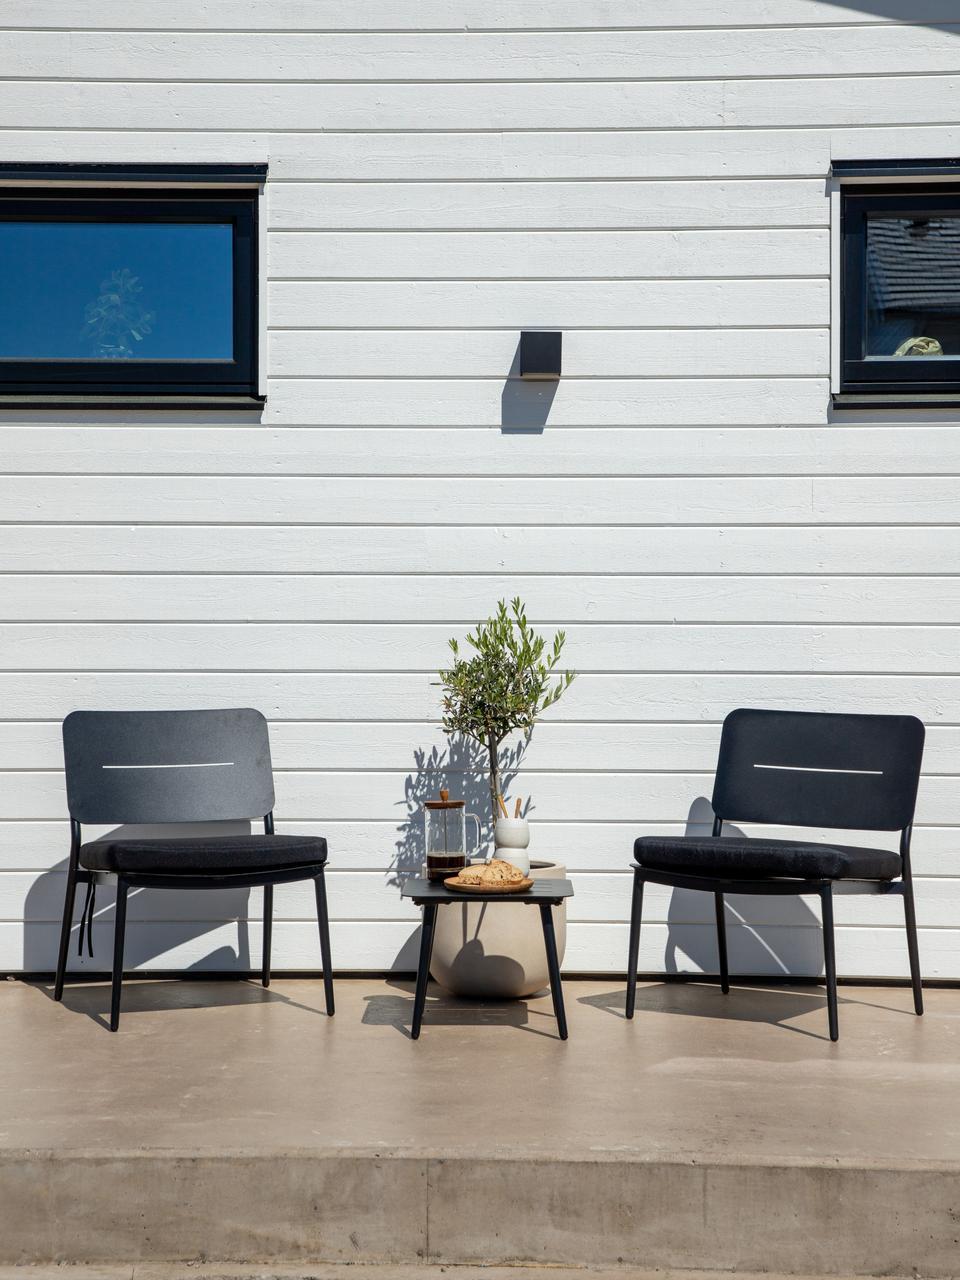 Metalen tuin bijzettafel Lina, Gelakt metaal, Zwart, 40 x 40 cm